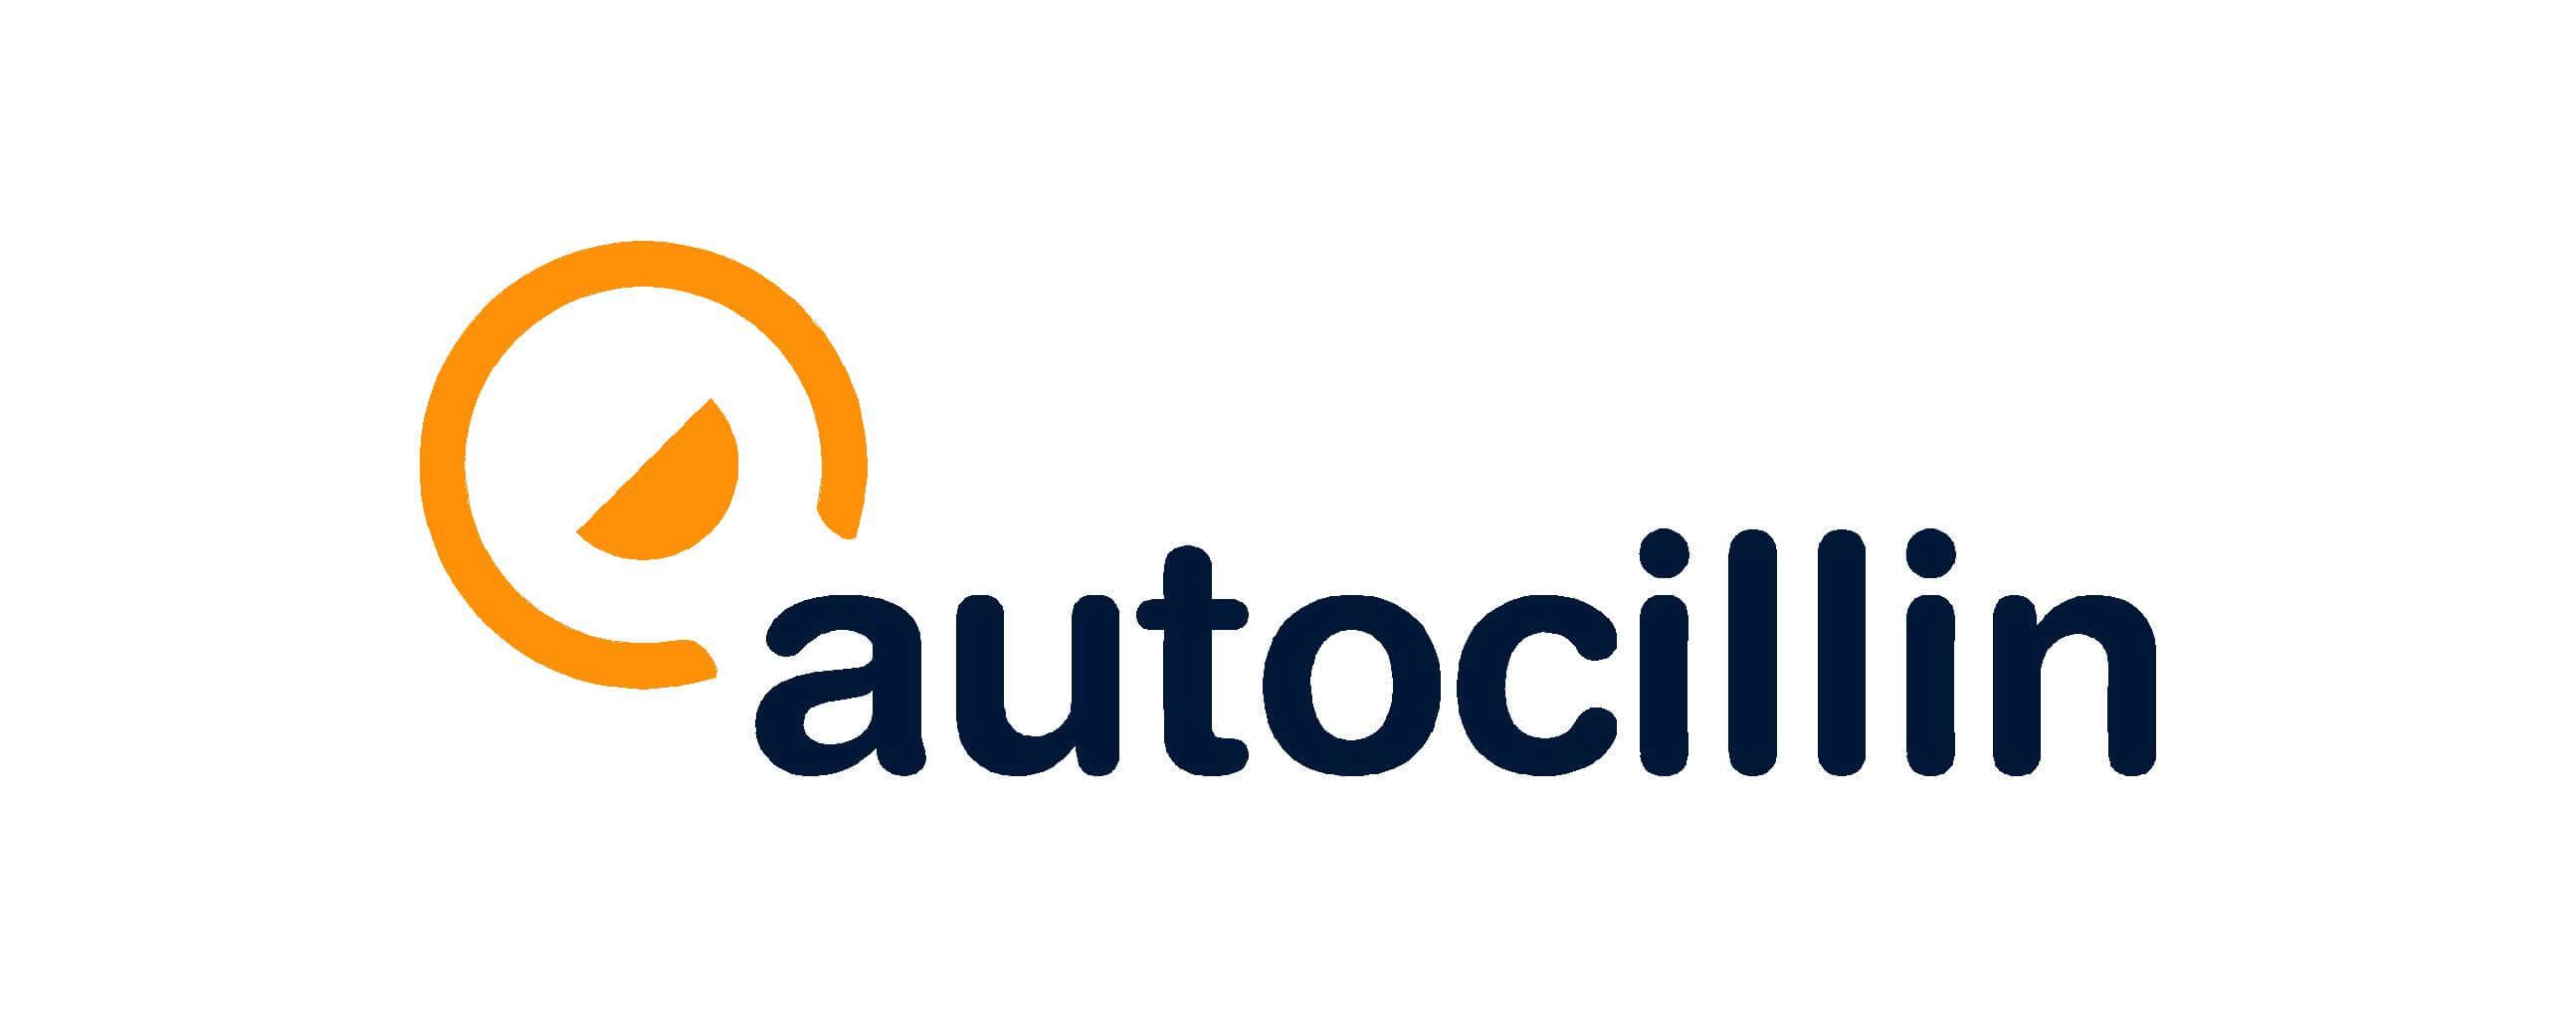 Autocillin Auto Insurance - Ini Dia Daftar Penyedia Asuransi Mobil Online Terbaik 2020